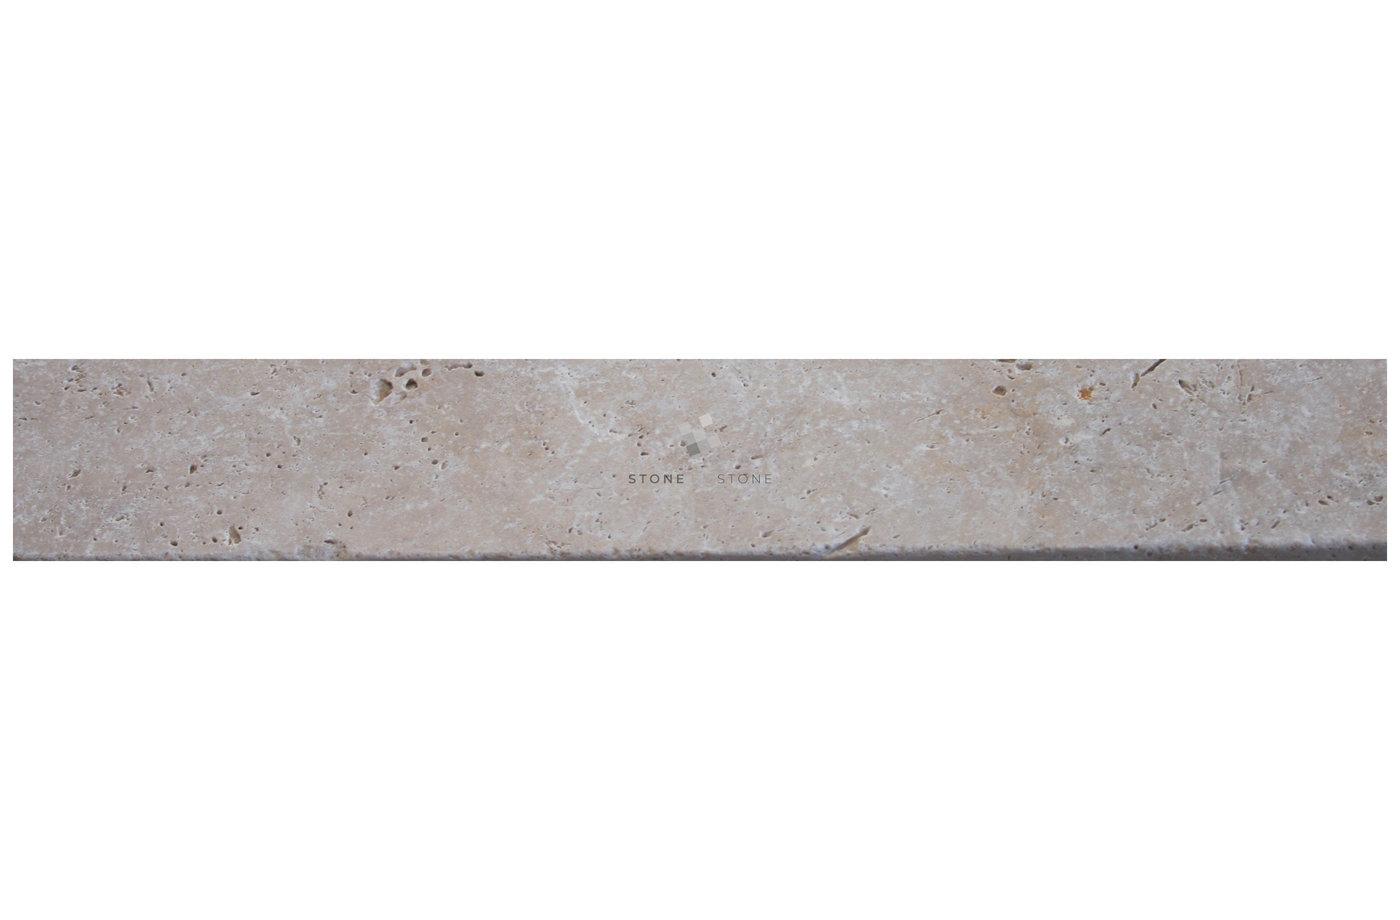 Plinthes 7x40/1,2cm - Sinai - Vieilli - Beige Cendré